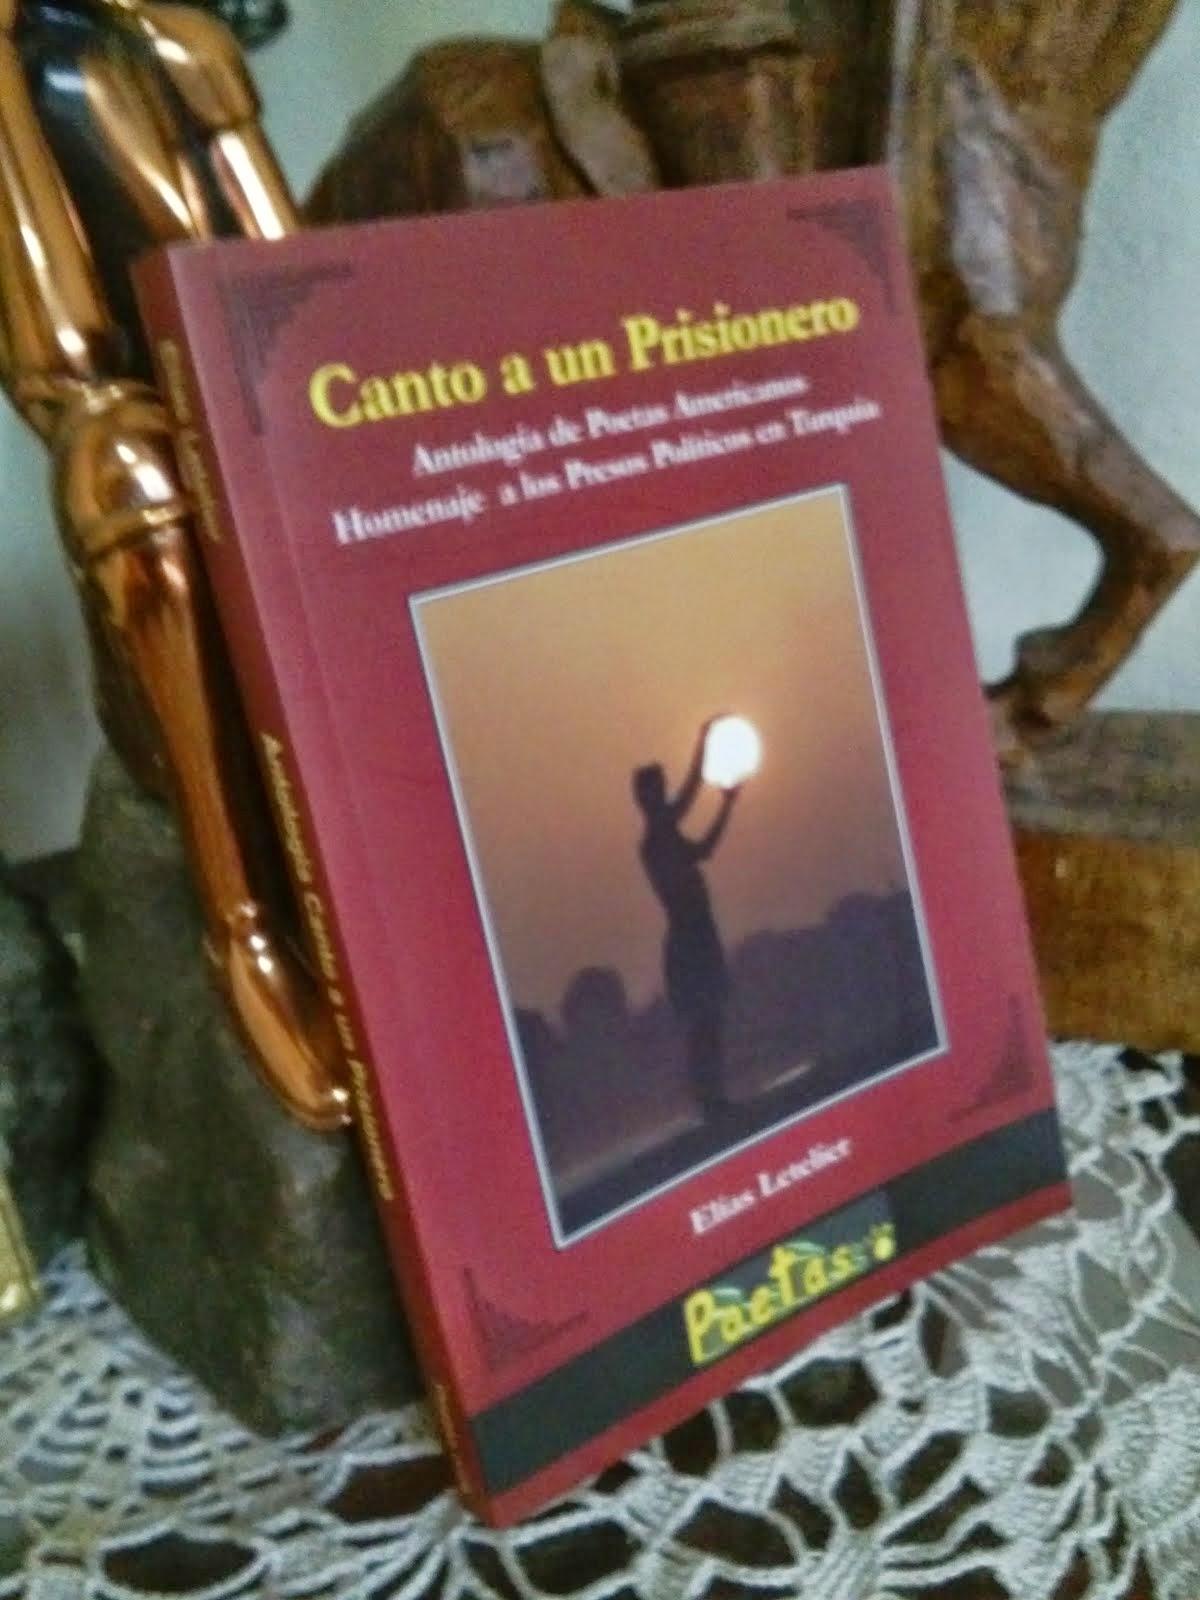 CANTO A UN PRISIONERO-POEMAS DE ANDRÉ CRUCHAGA